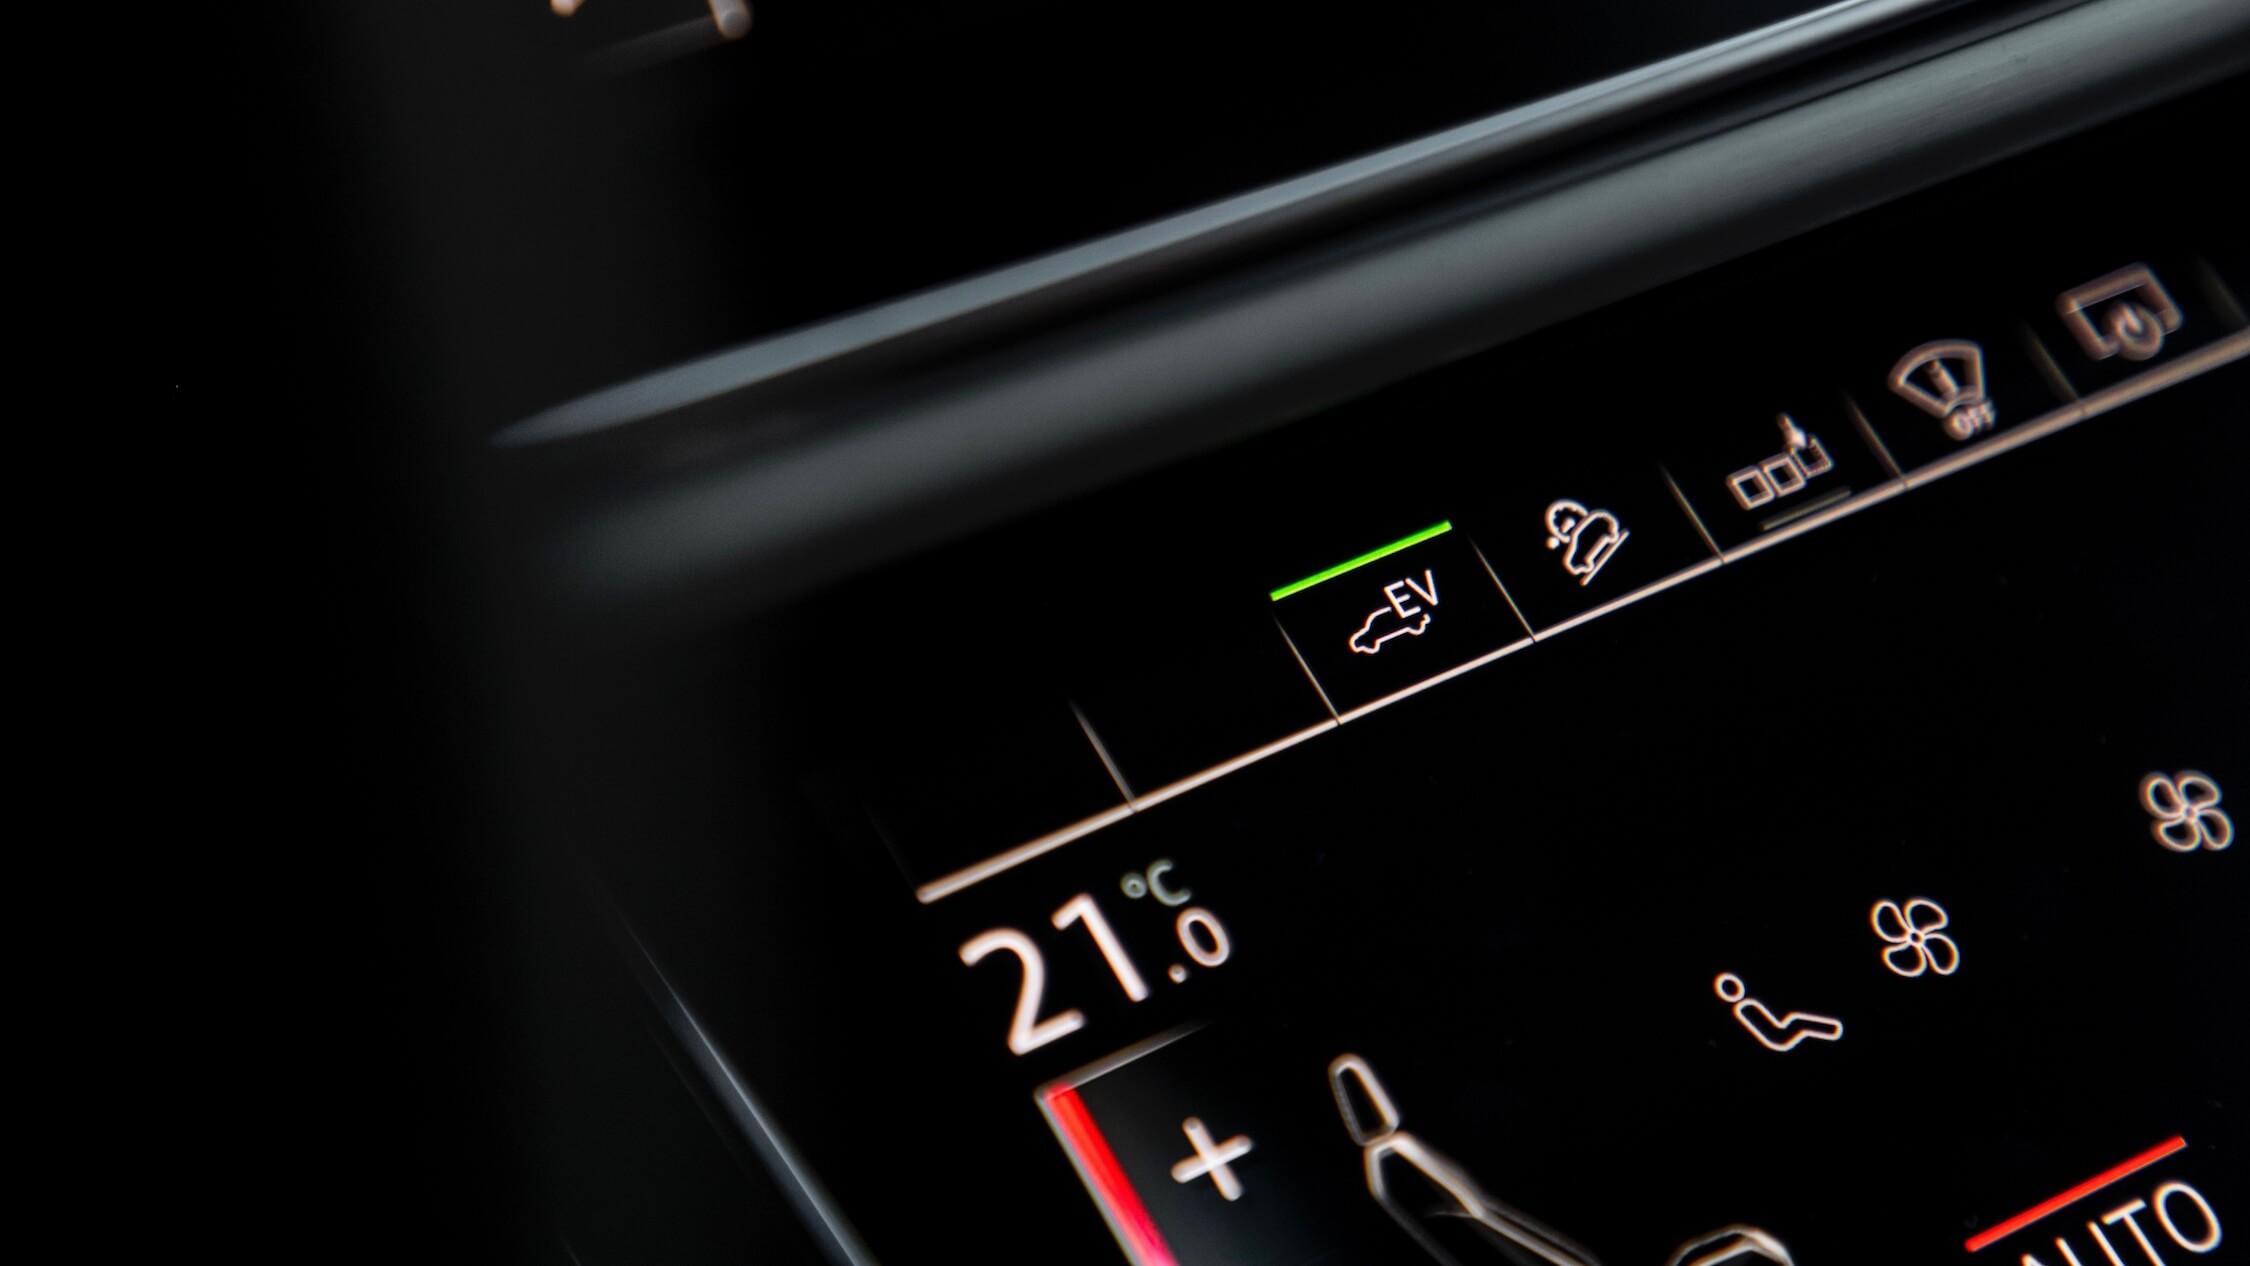 Hybride Audi Q7 uitsluitend elektrisch rijden